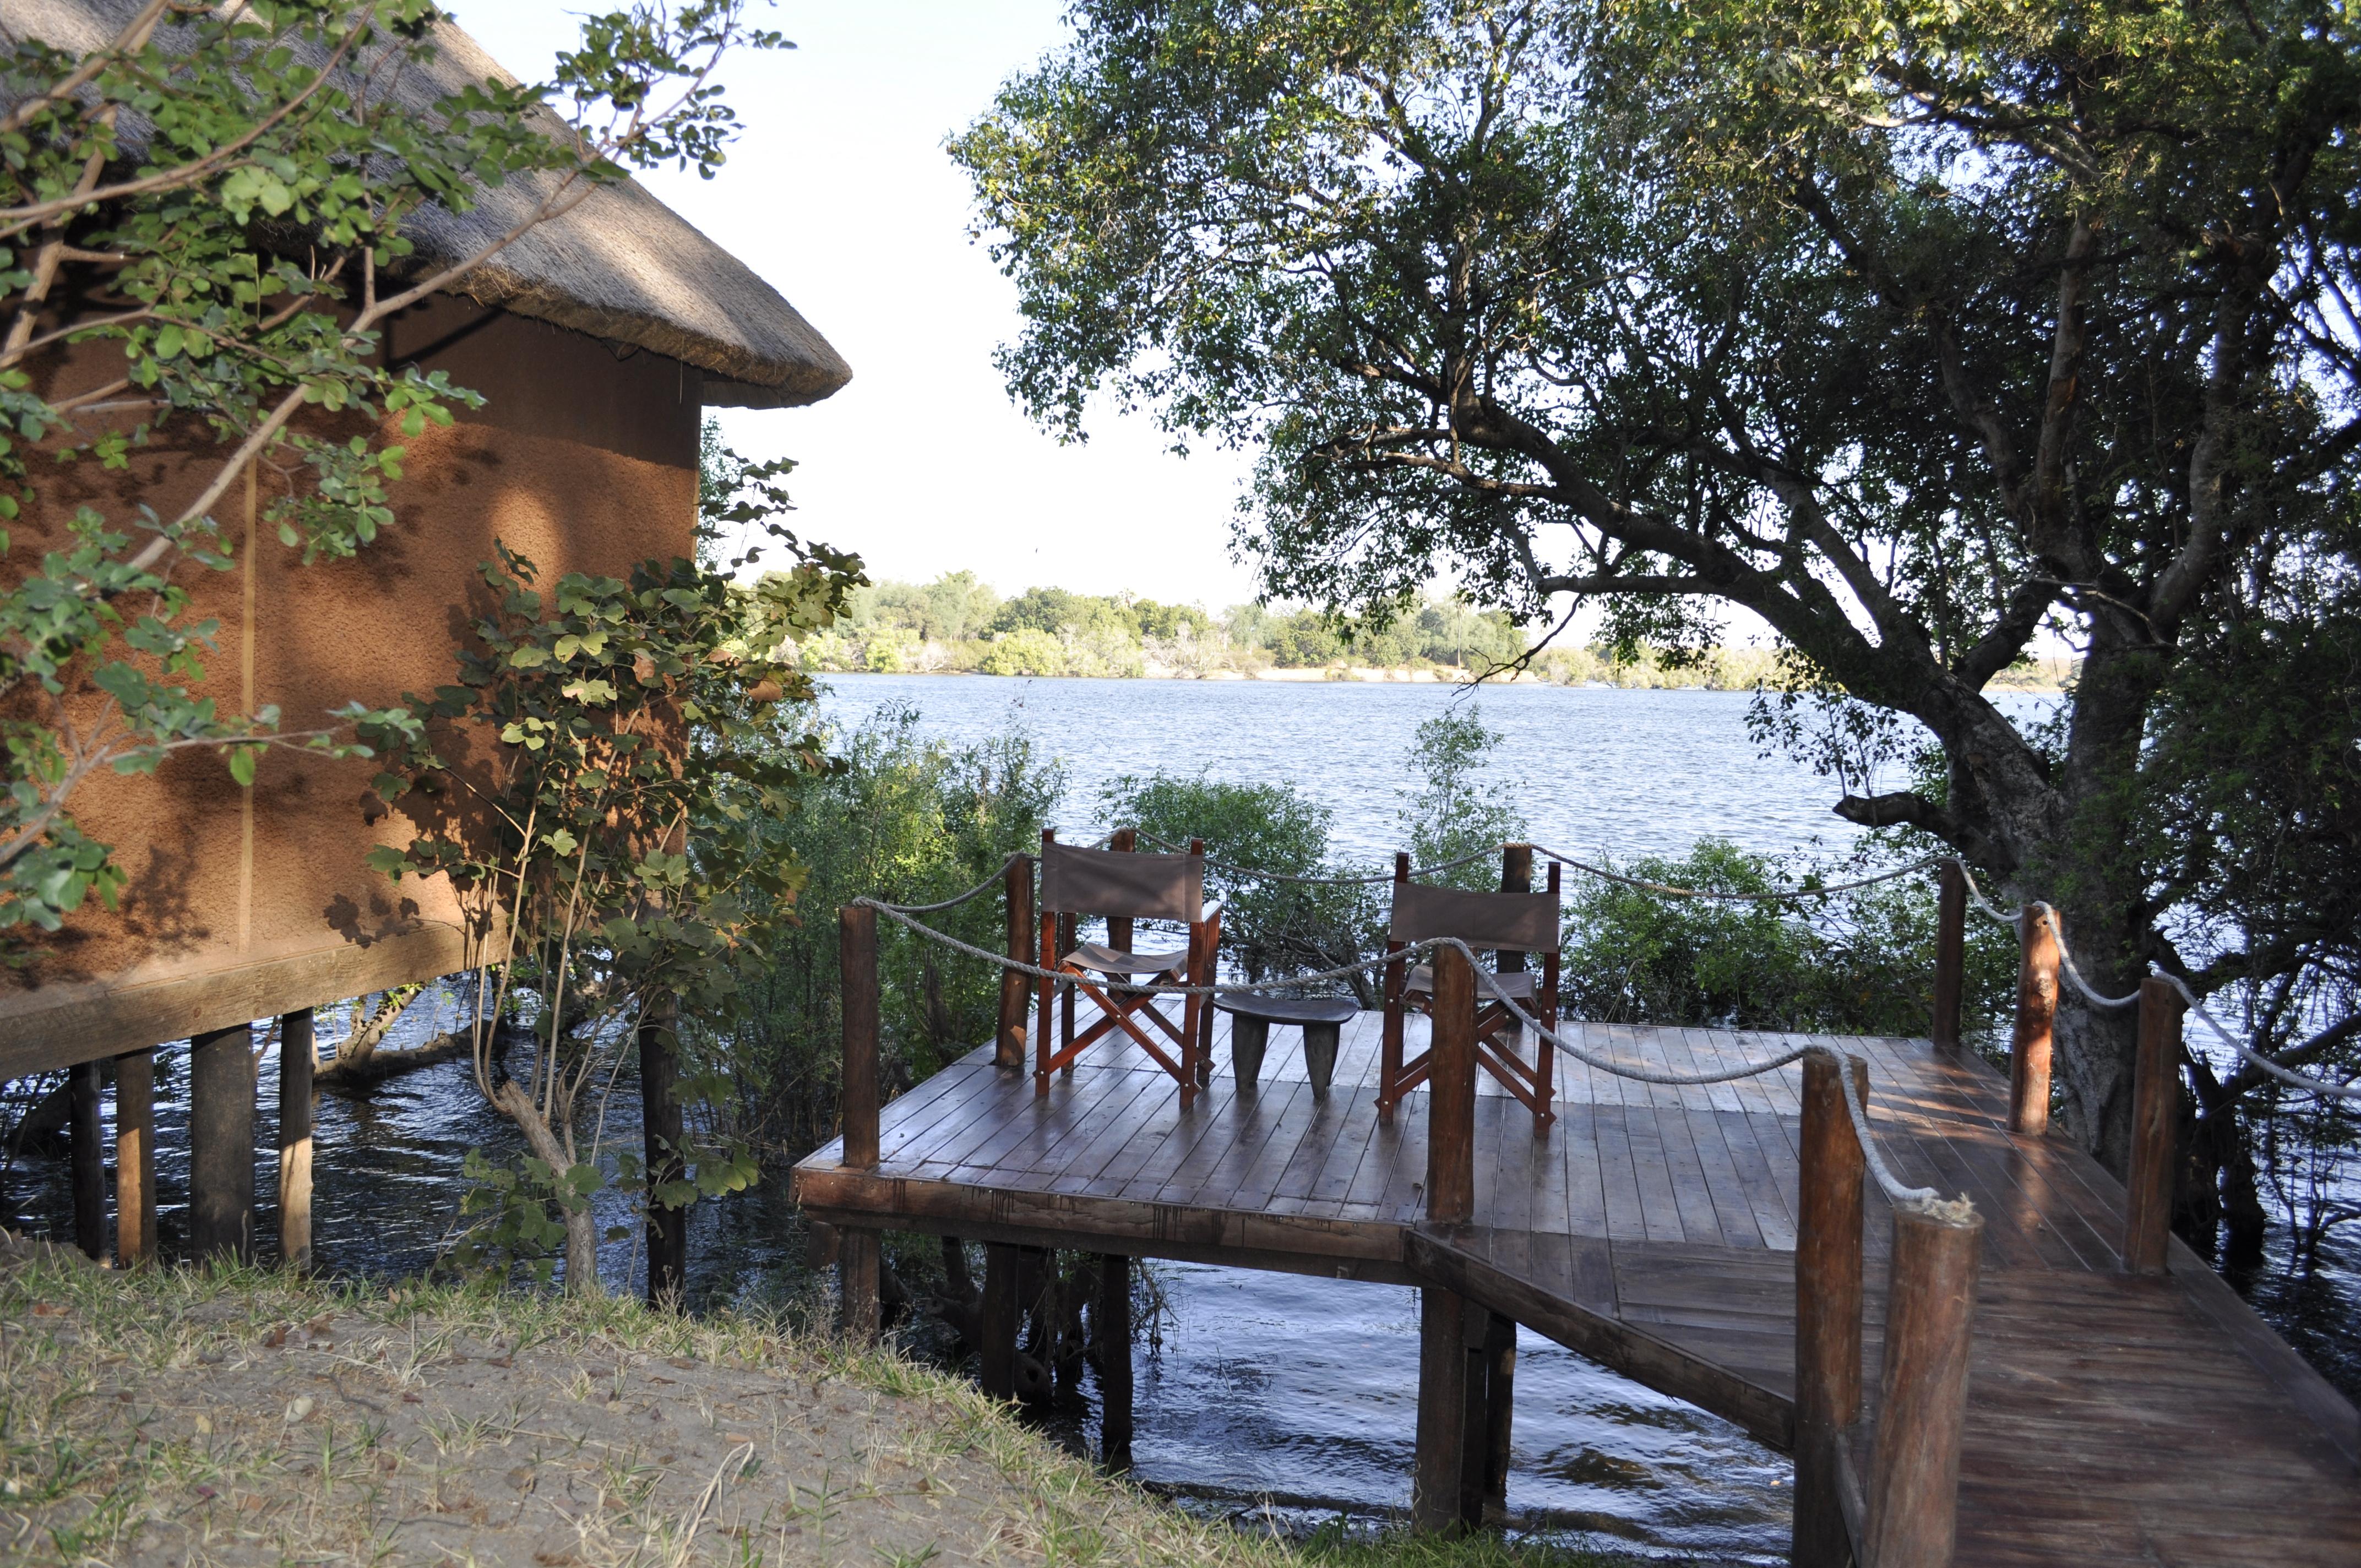 Chundukwa River Lodge Honeymoon chalet Upper Zambezi Zambia